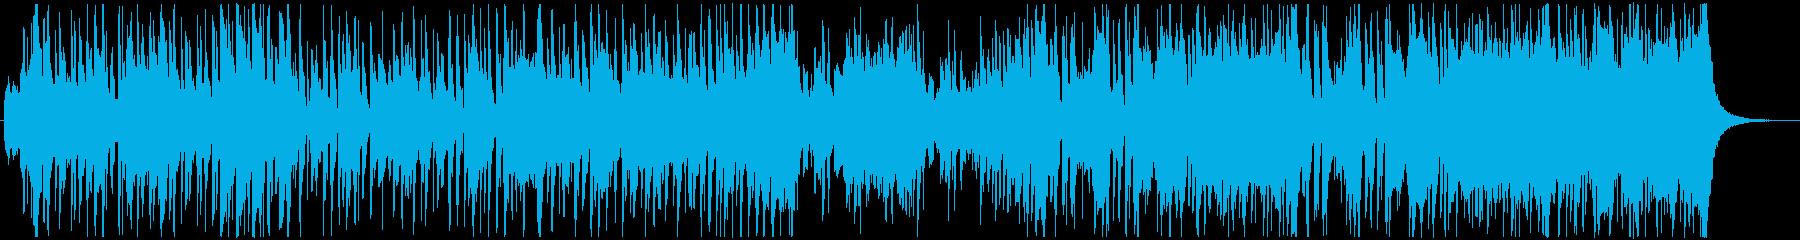 オープニングに最適なクラシックポップの再生済みの波形